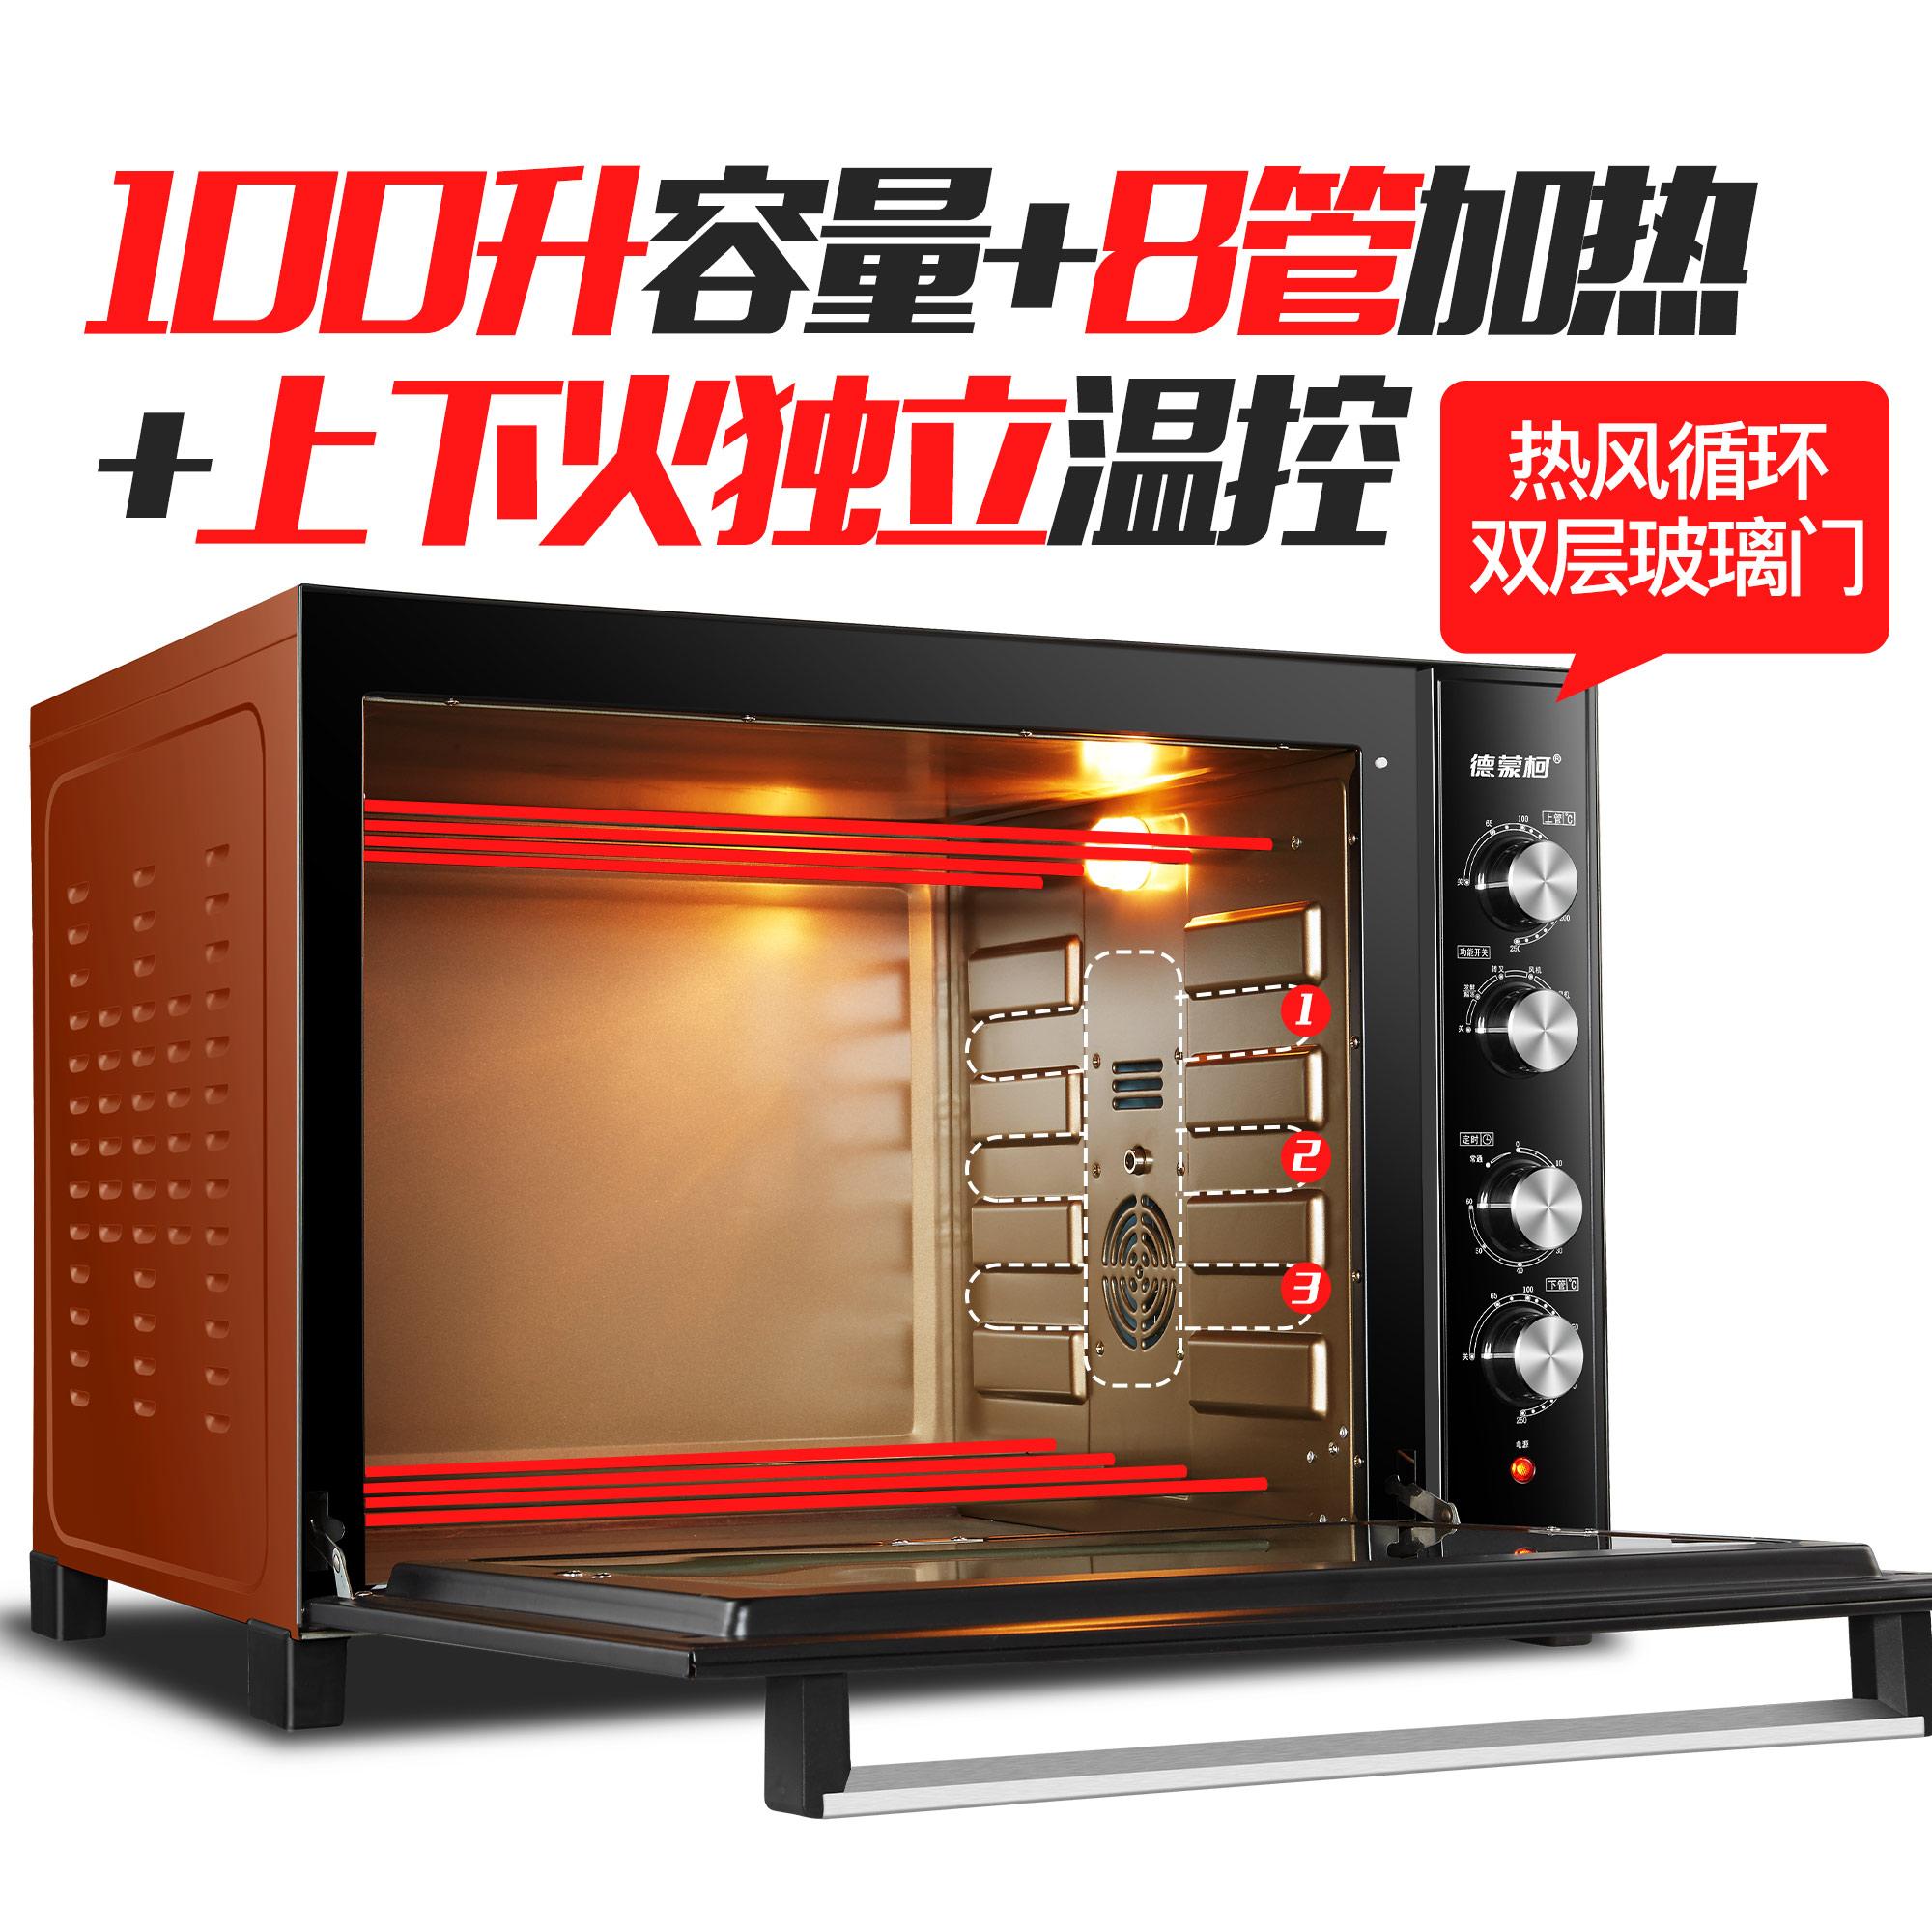 德蒙柯 TN-100K商用烤箱大型100升烤箱家用烘焙多功能全自动风炉